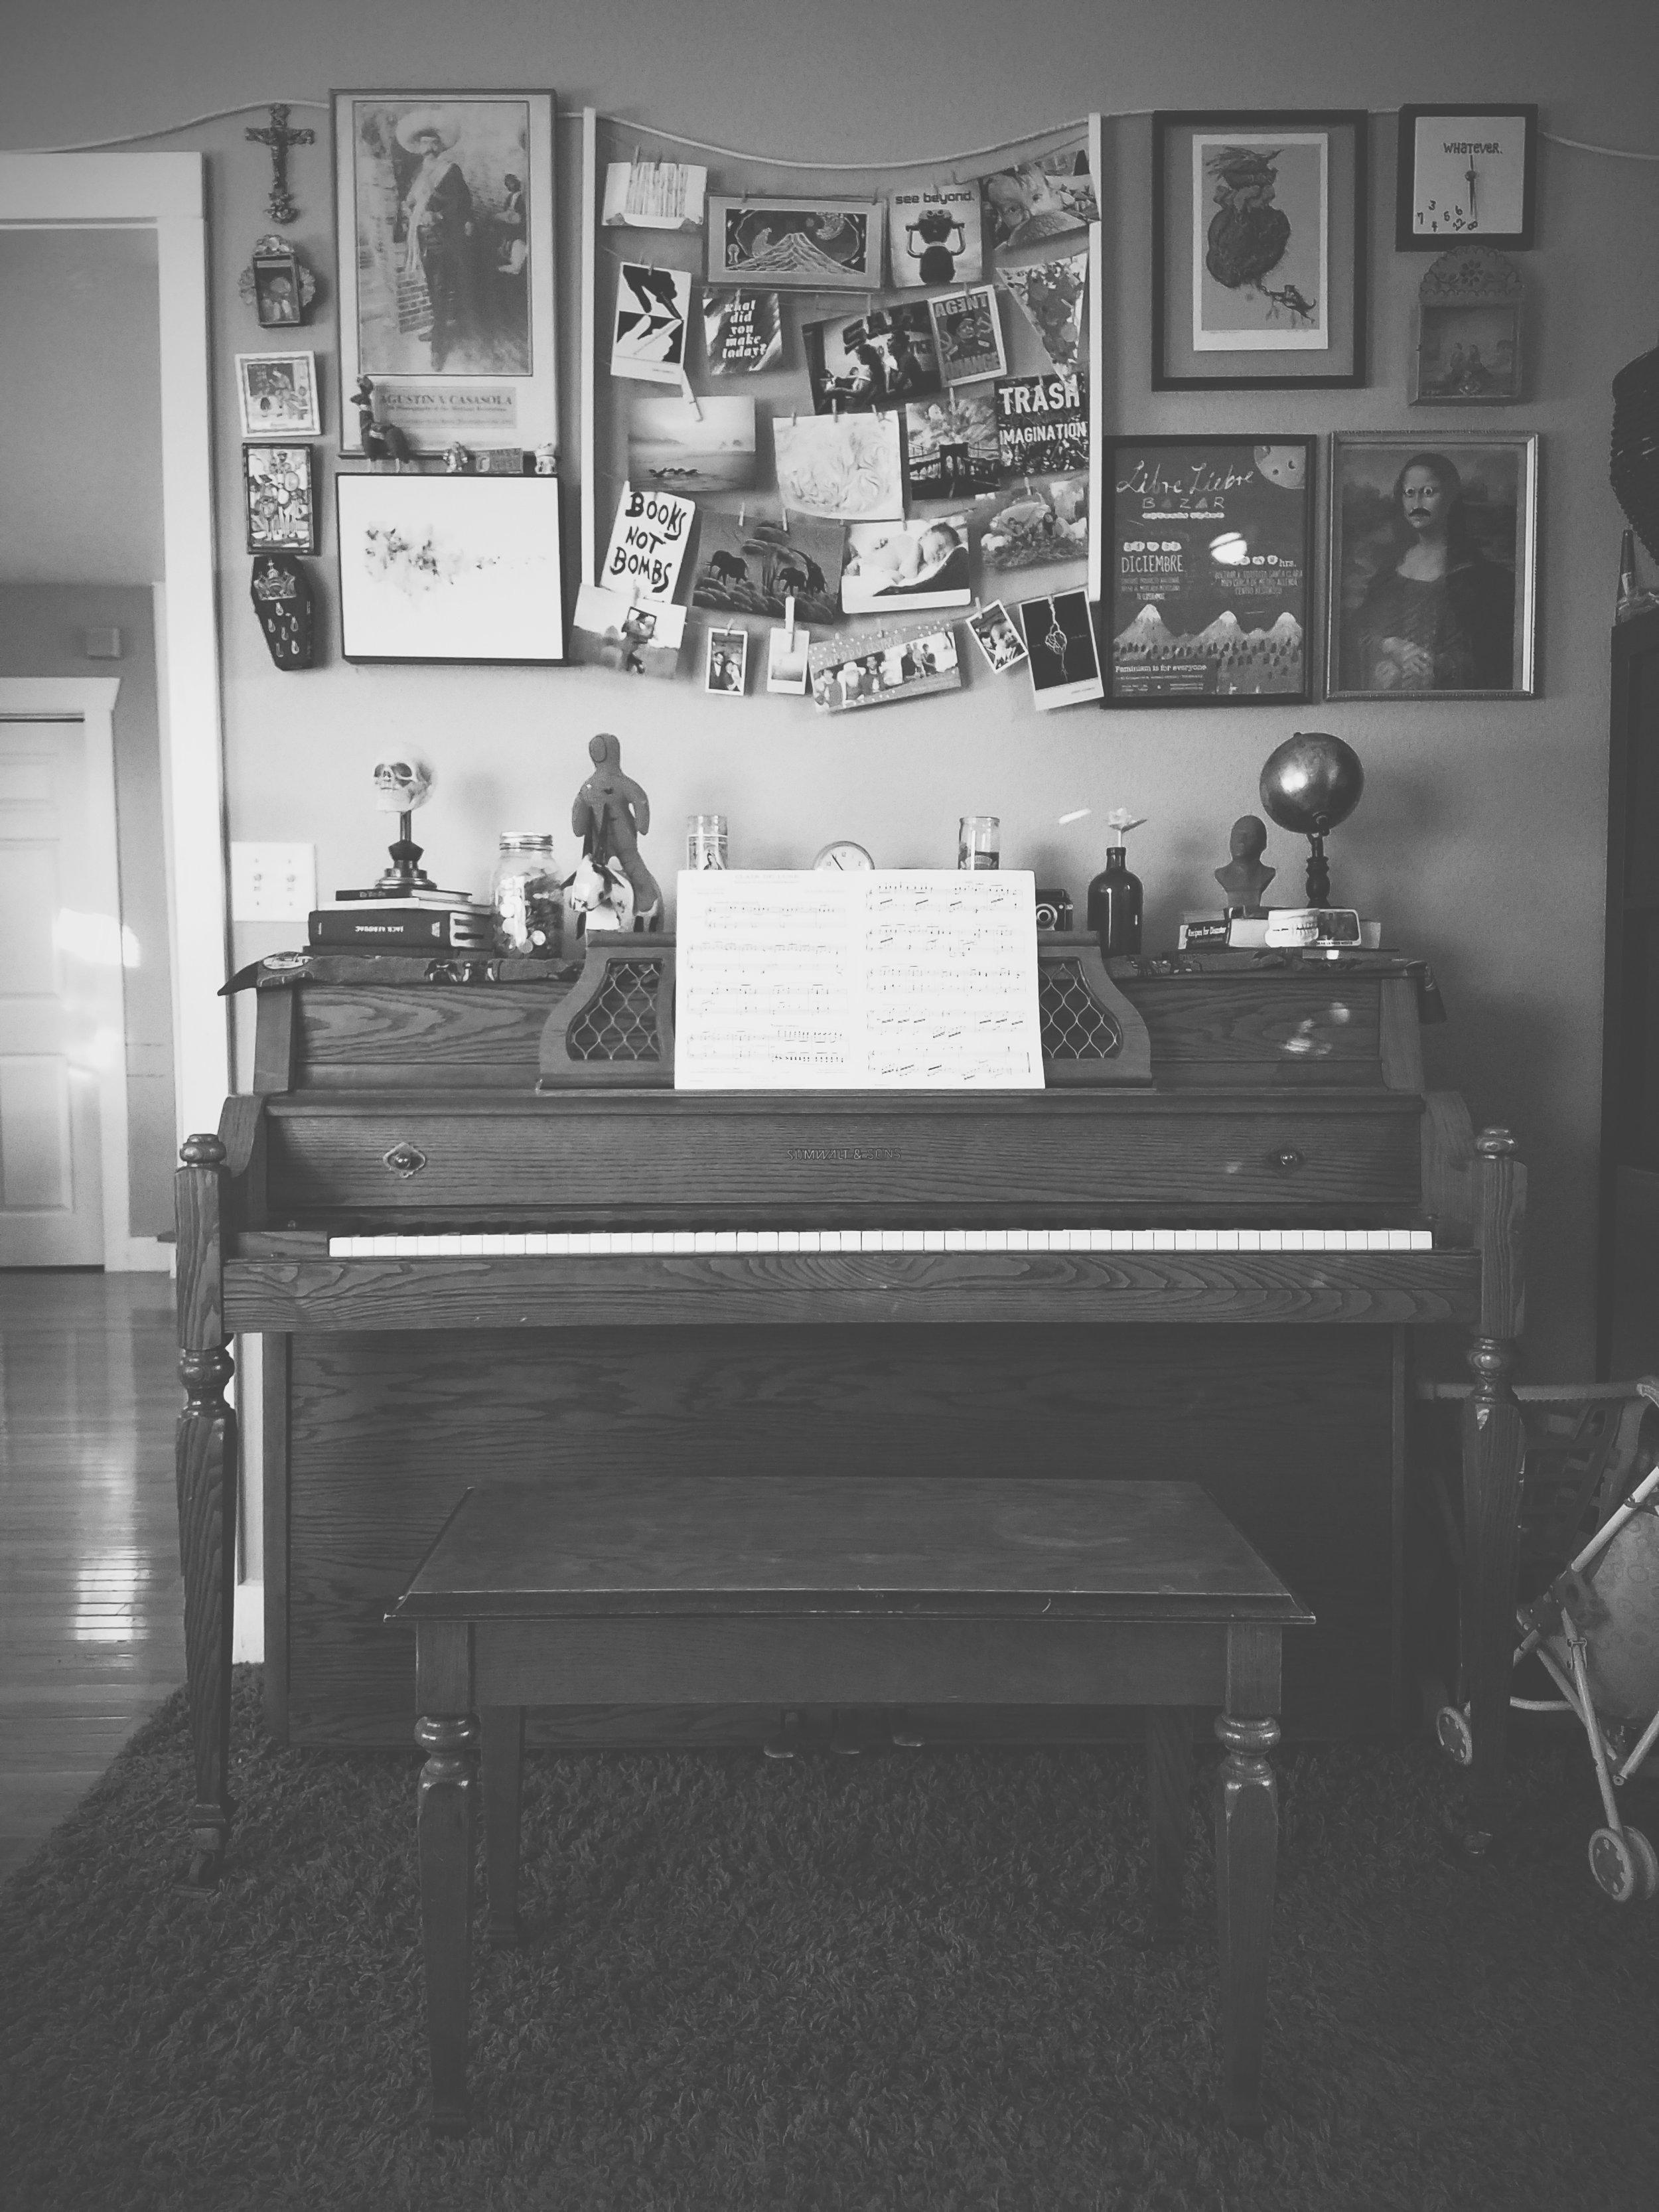 My Little Music Maker - Erin J. Bernard